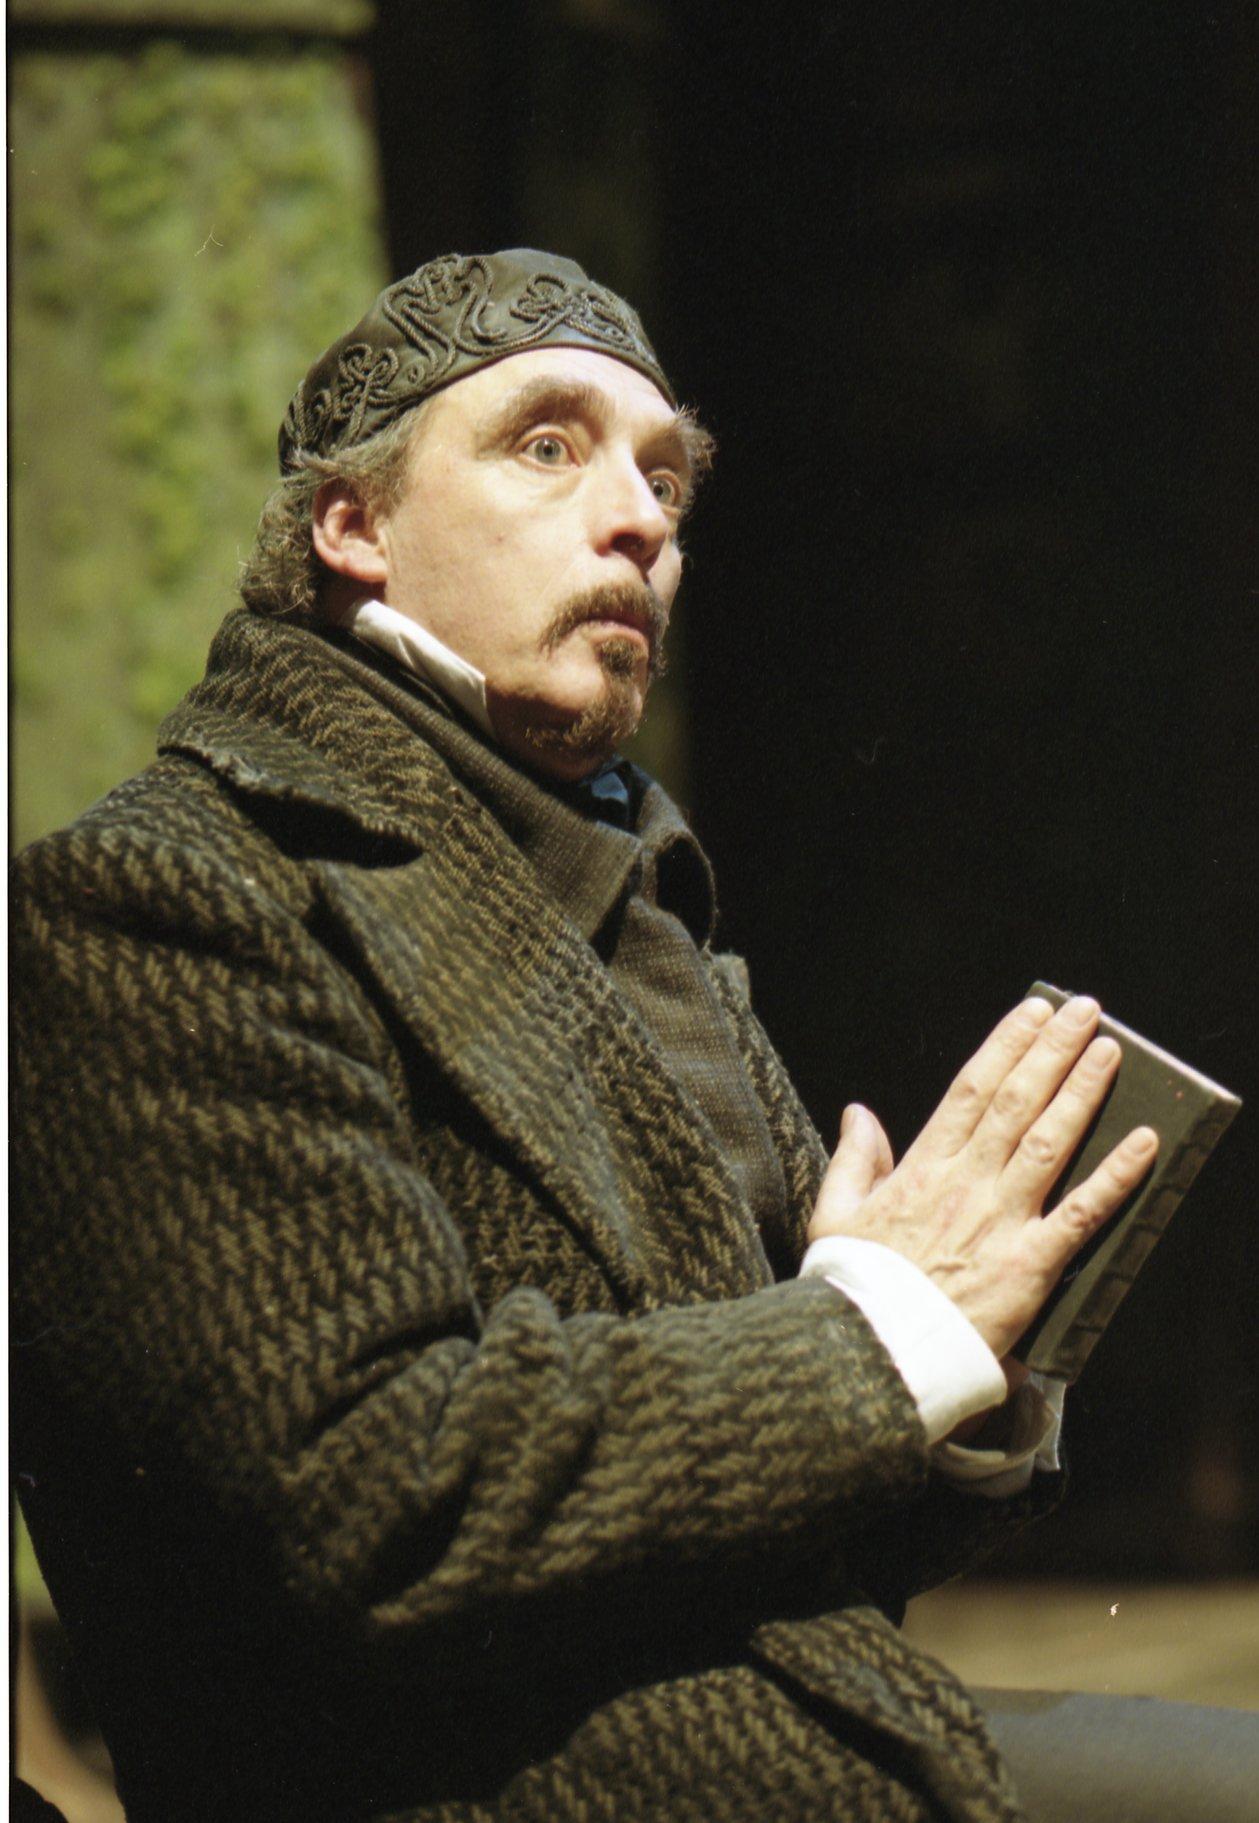 A man in a cardigan reads a book.